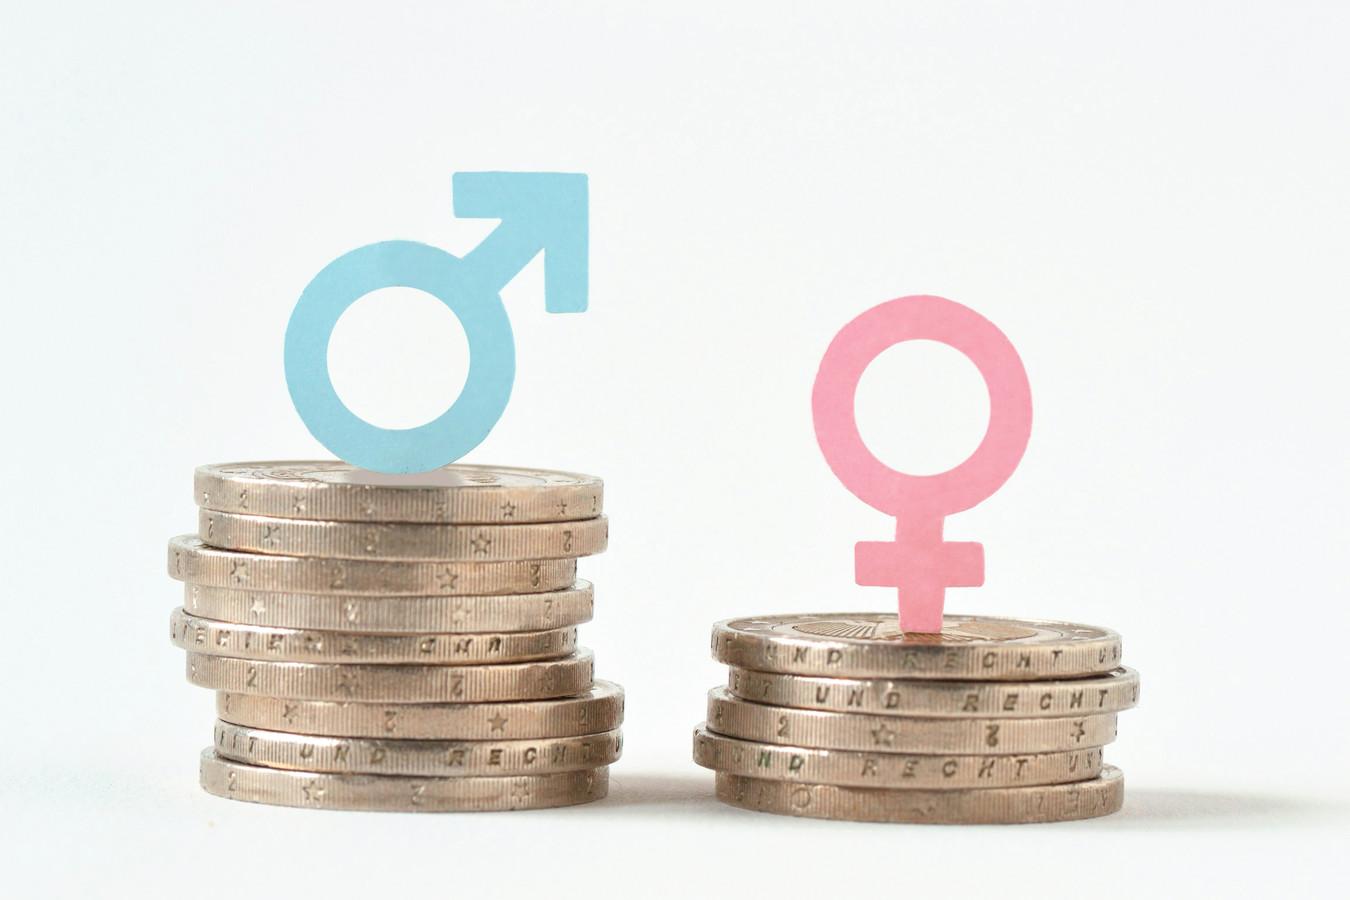 Vrouwen ondervinden meer moeilijkheden dan mannen om terug te keren op de arbeidsmarkt.